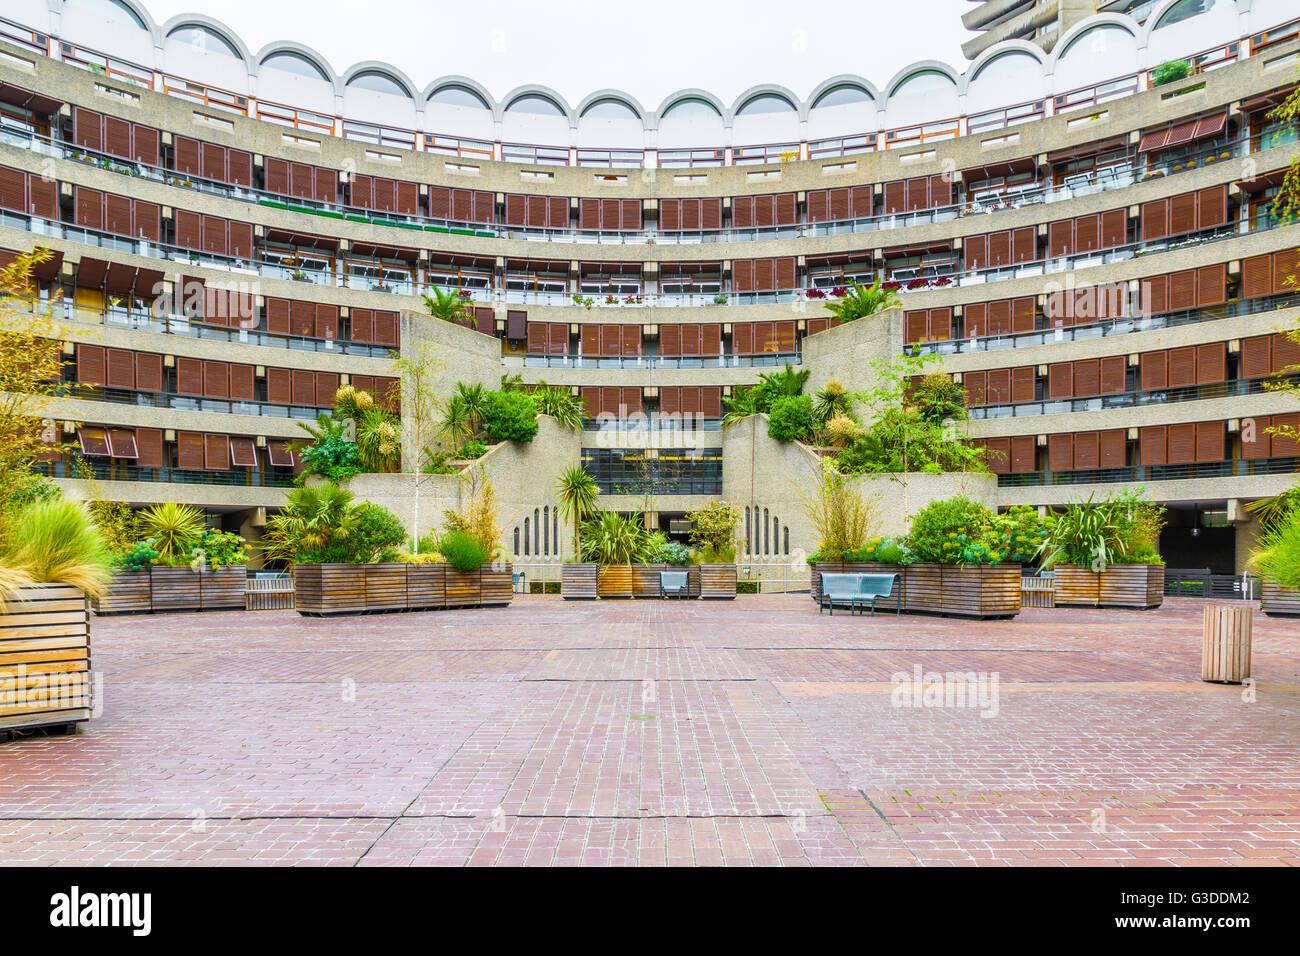 Frobisher Crescent, Brutalist Architektur Gebäude im Barbican-Komplex, London Stockfoto